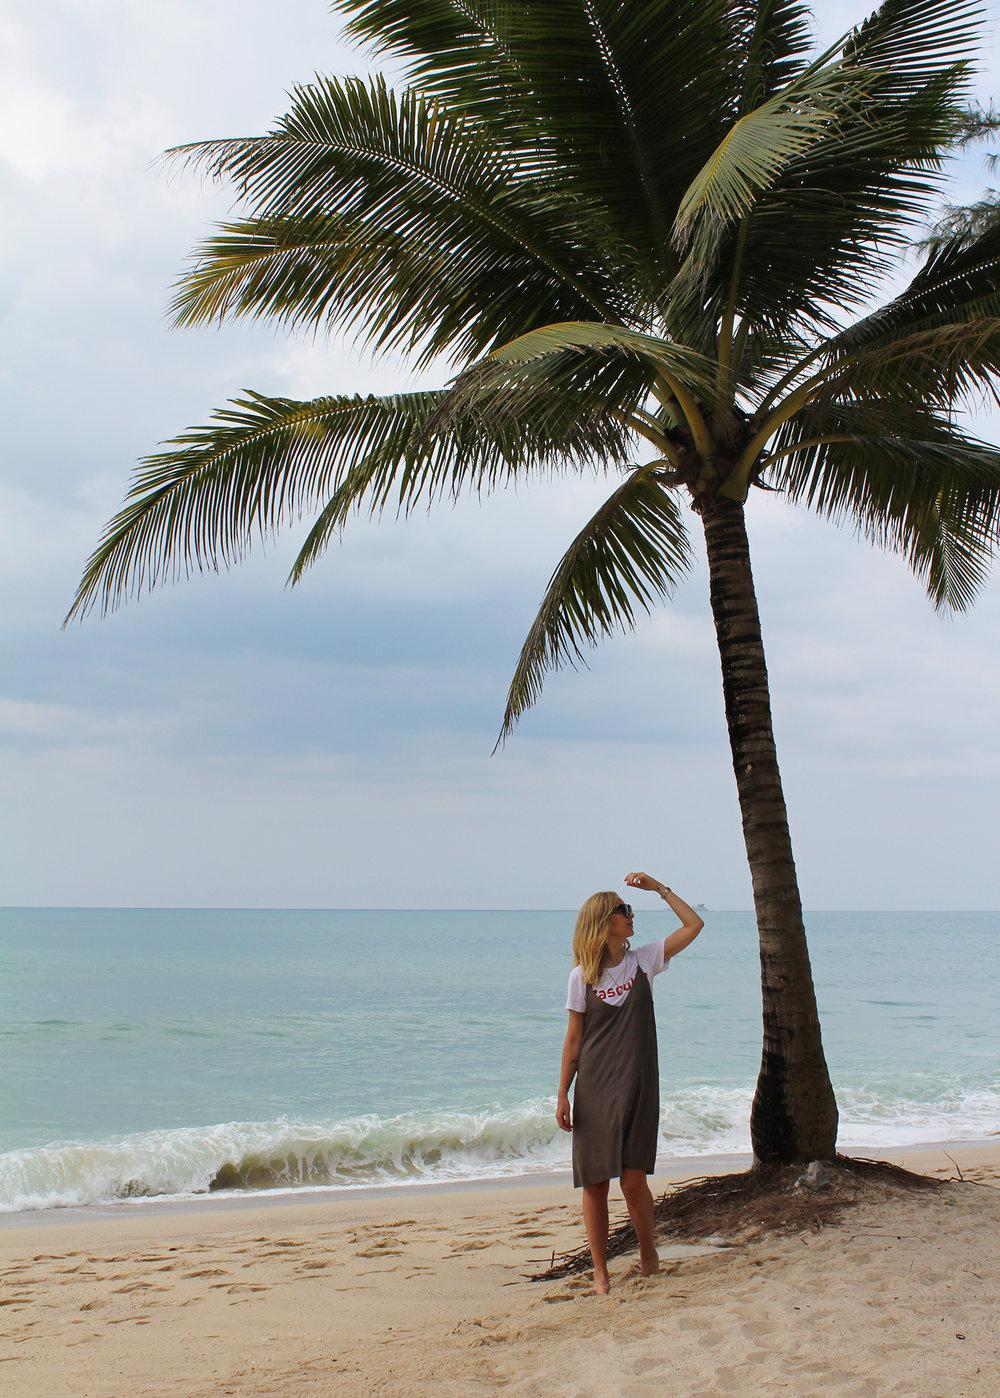 bang tao beach palmtree 01.jpg